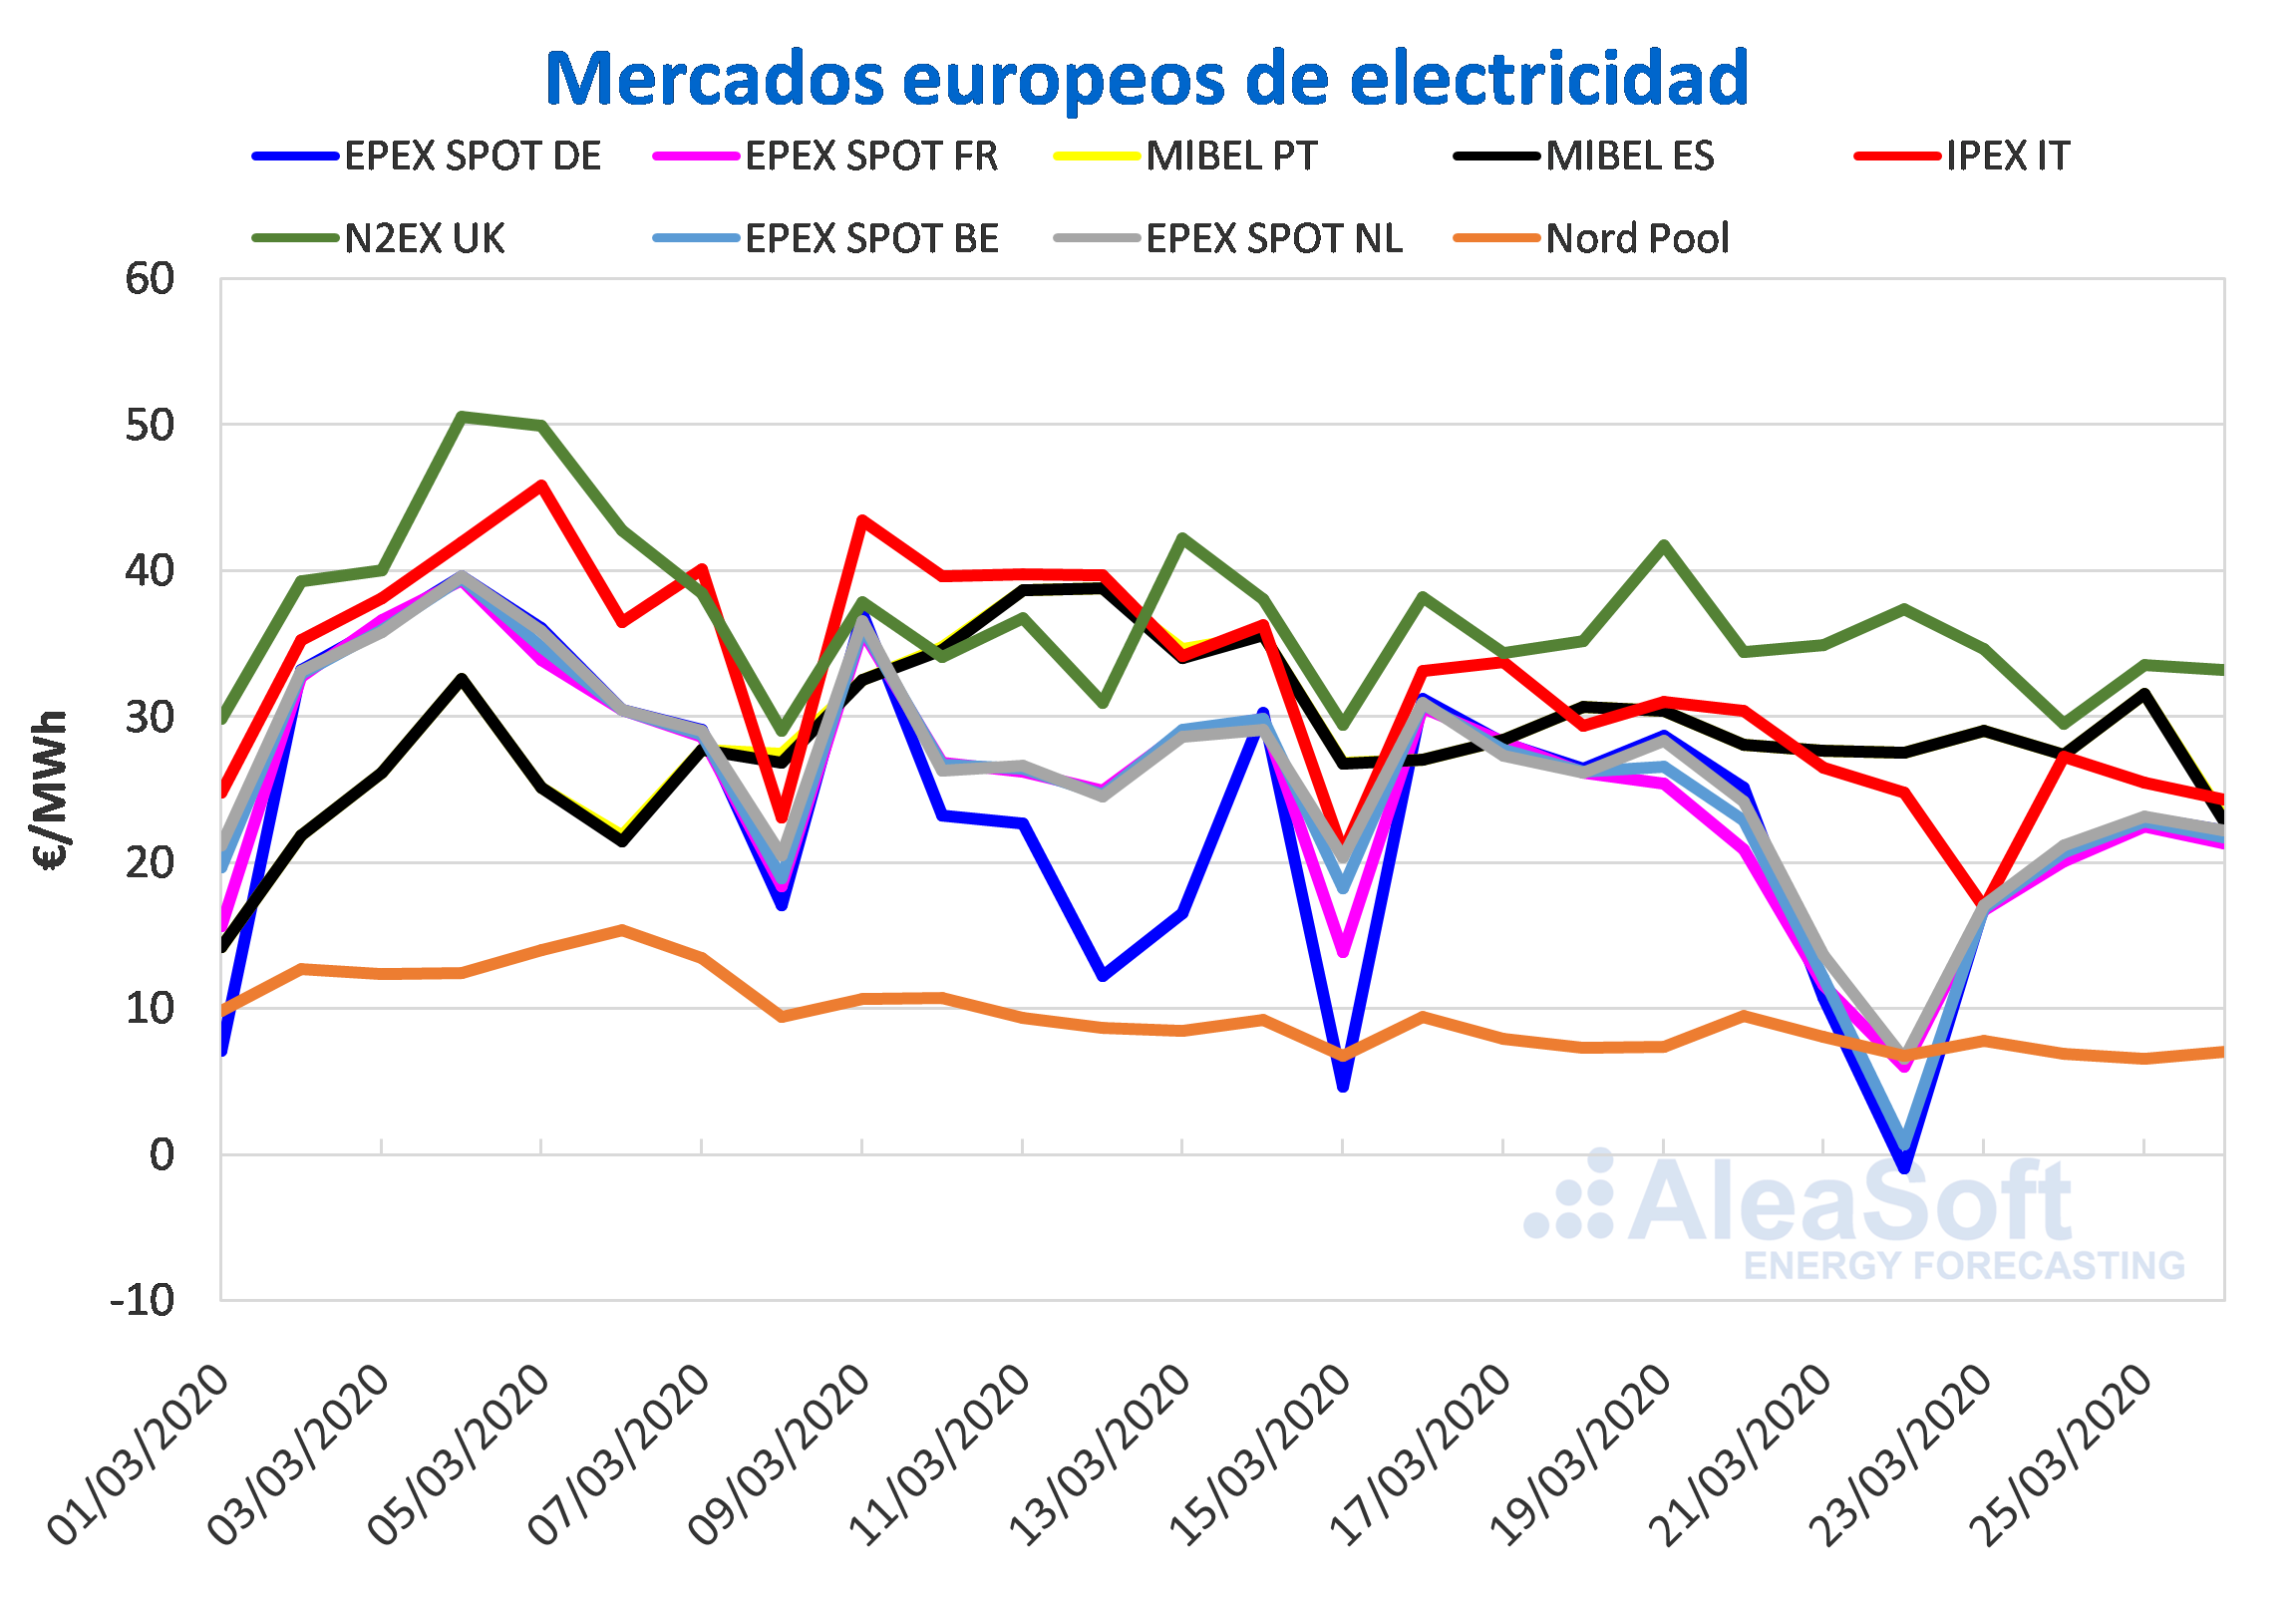 El confinamiento sigue influyendo en los bajos precios de los mercados europeos